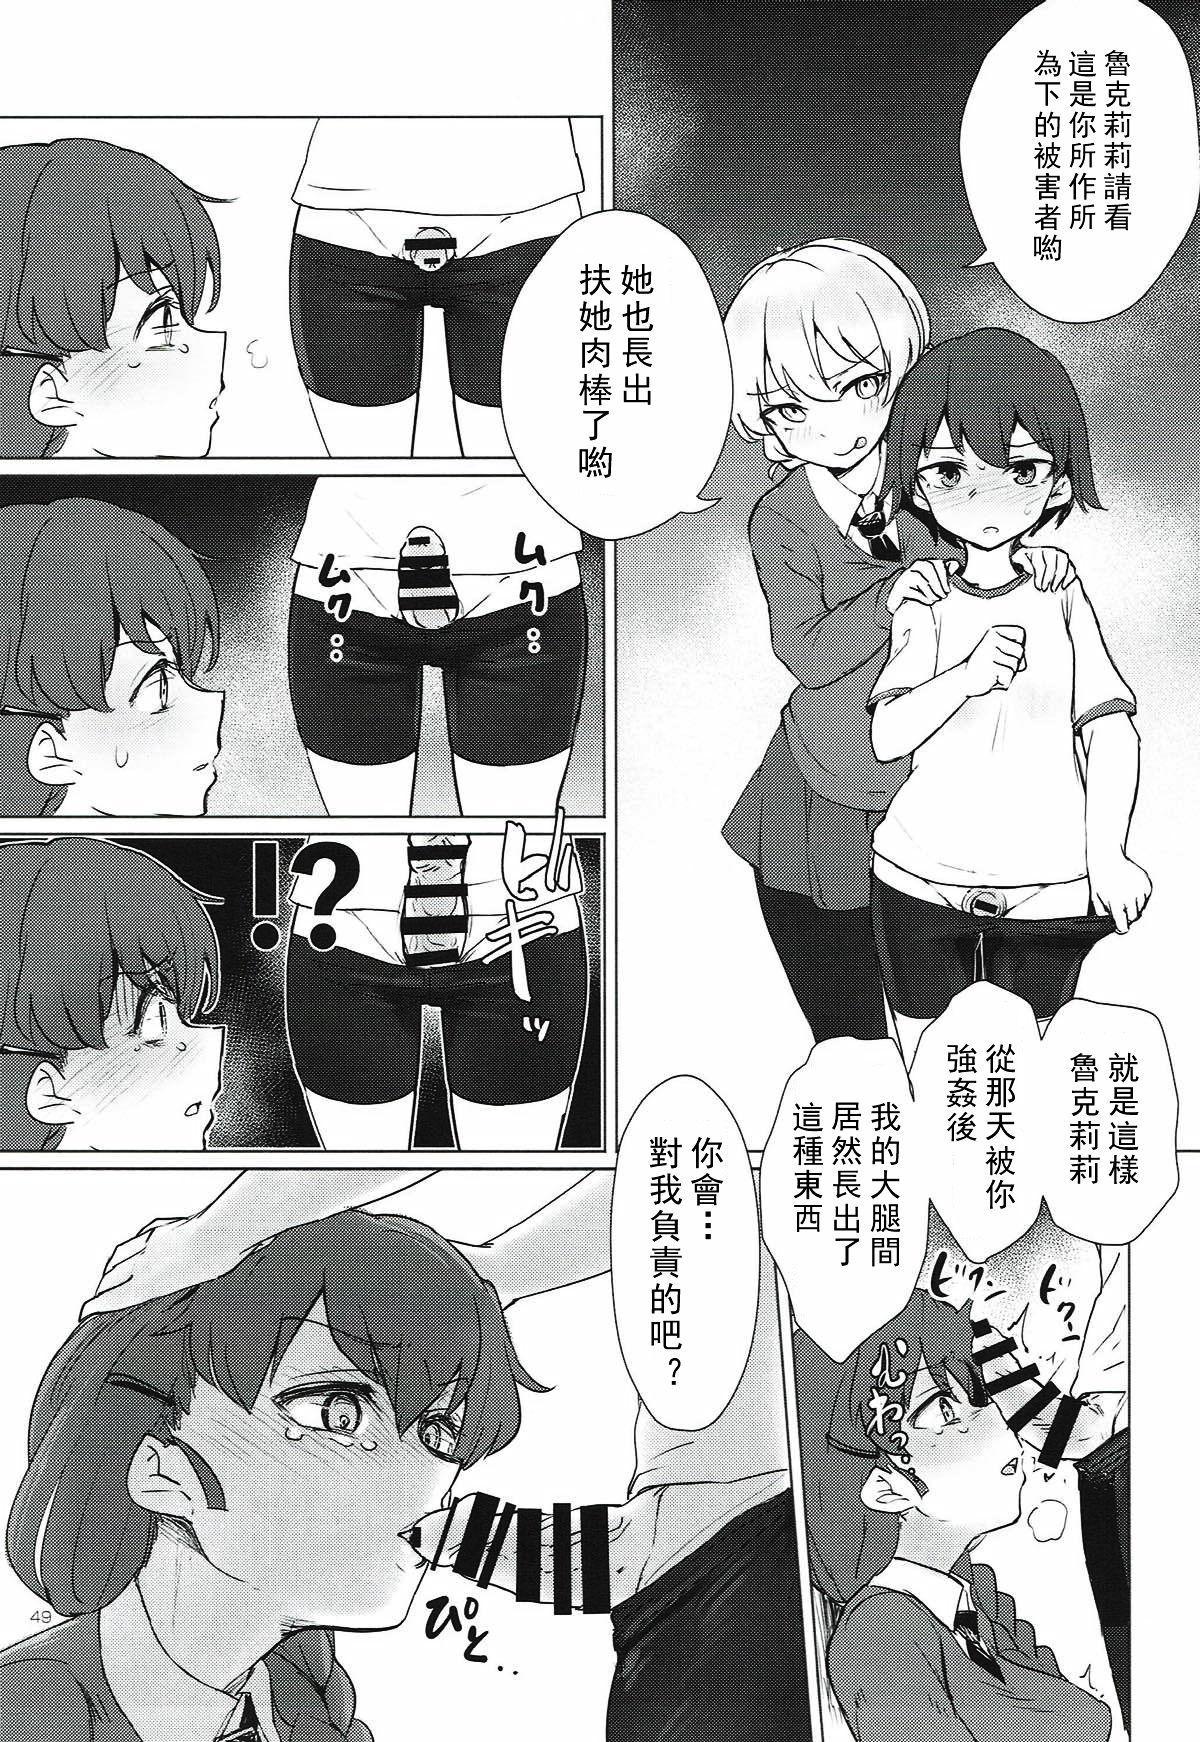 seiguro no seieki benjo to kashita rukuriri-san 丨變為聖葛羅精液廁所的魯克莉莉 3